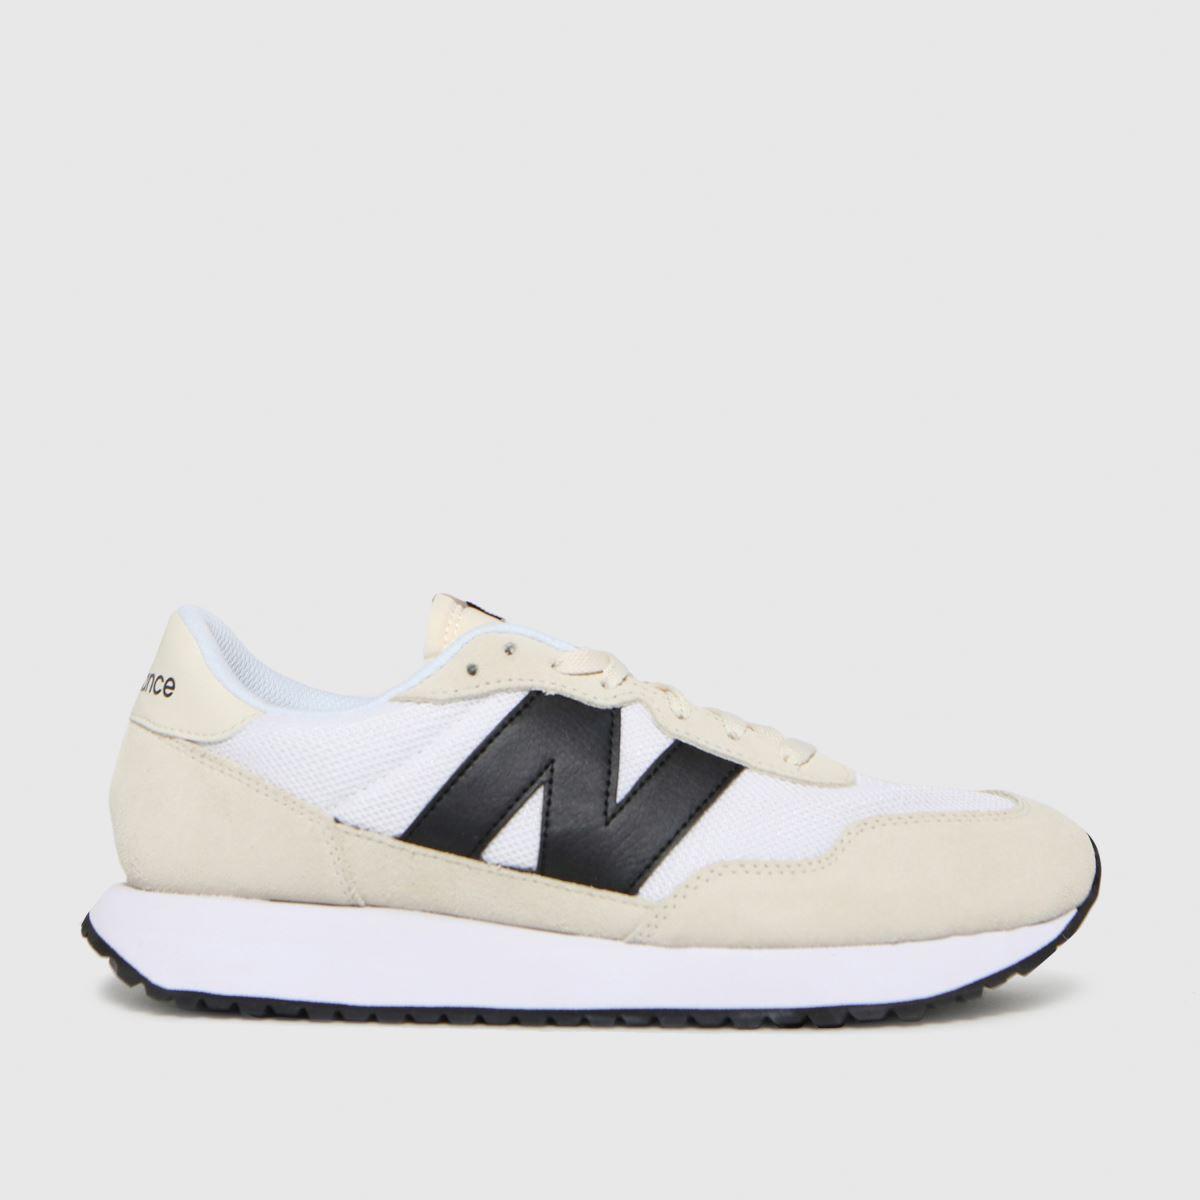 New Balance White 237 Trainers